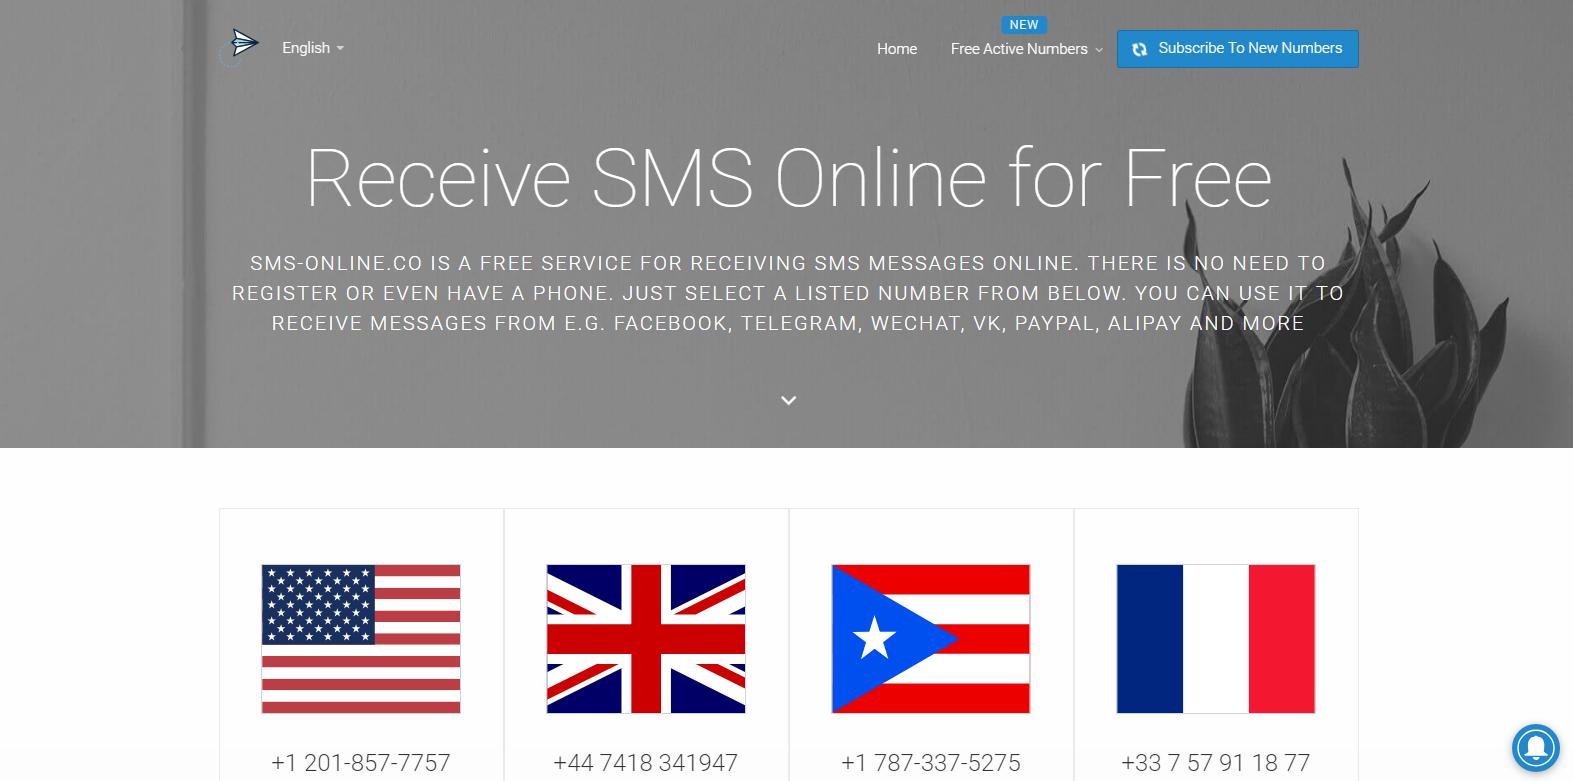 盤點15個電話SMS短信接收網站,電話號碼認證沒難度– Blowhk閒聊網